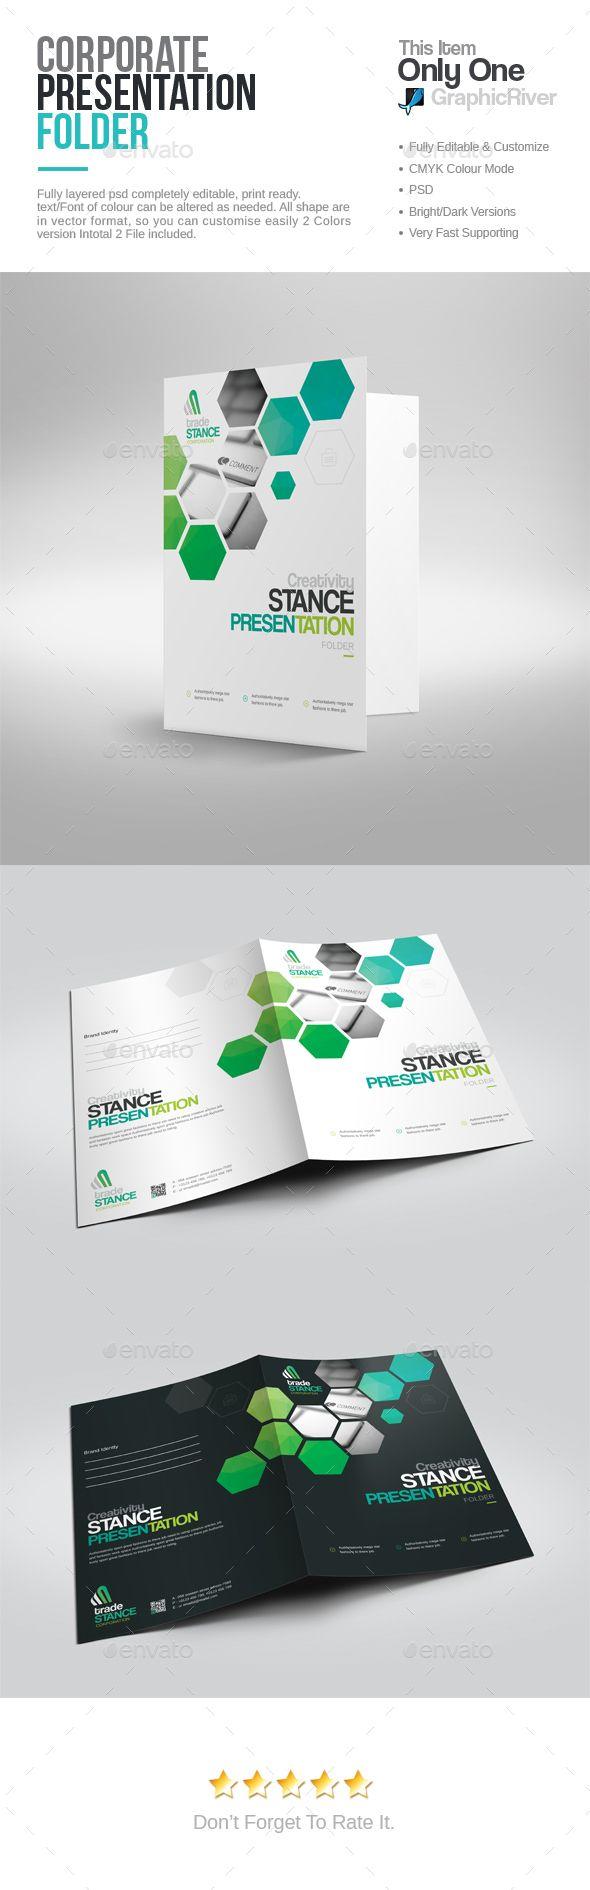 Best Brochures Designs Images On Pinterest Page Layout - Fresh presentation folder template psd design